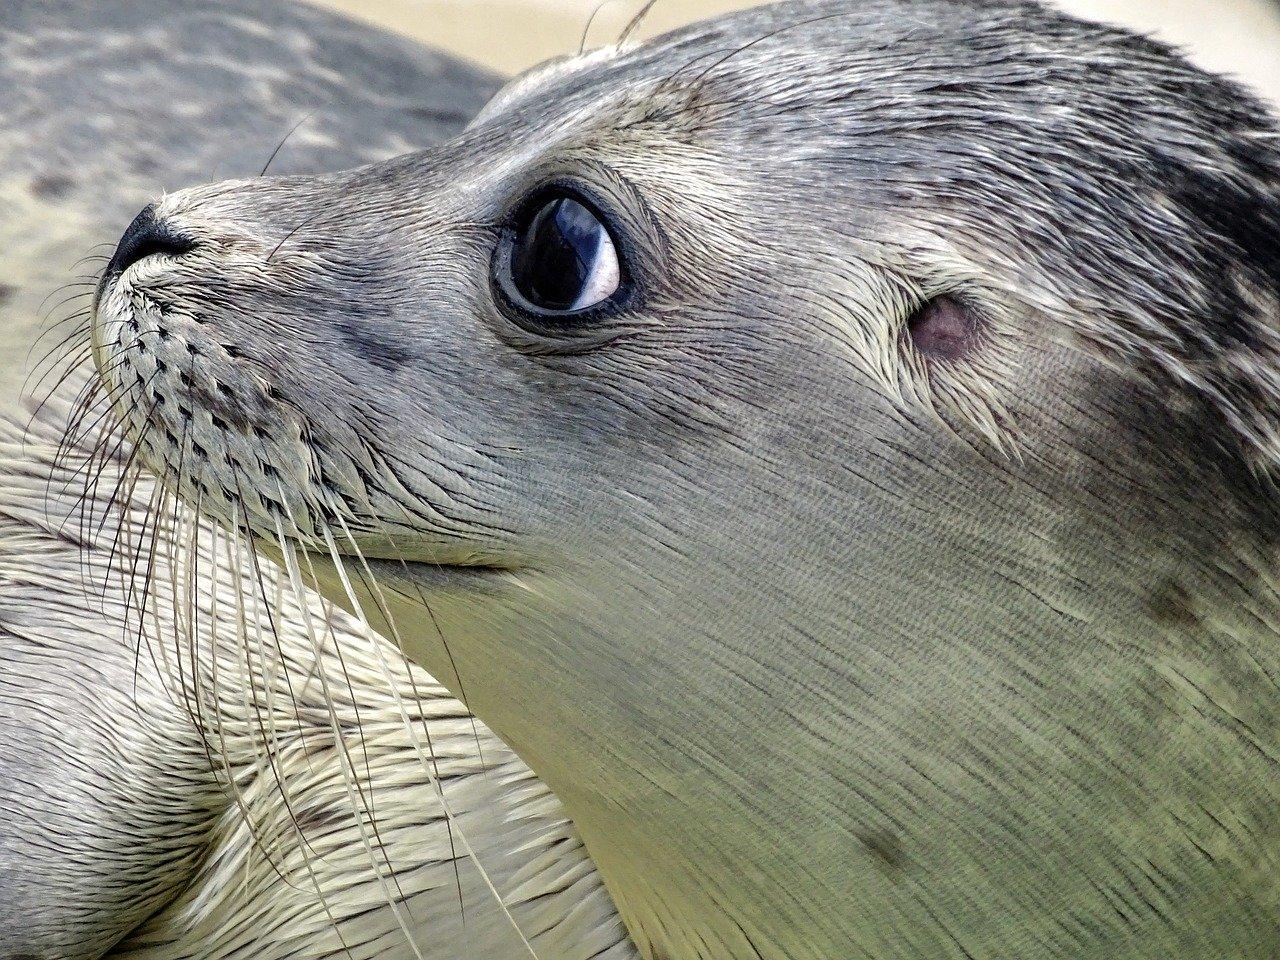 Seehund Steckbrief – Lebensraum, Fortpflanzung, Ernährung